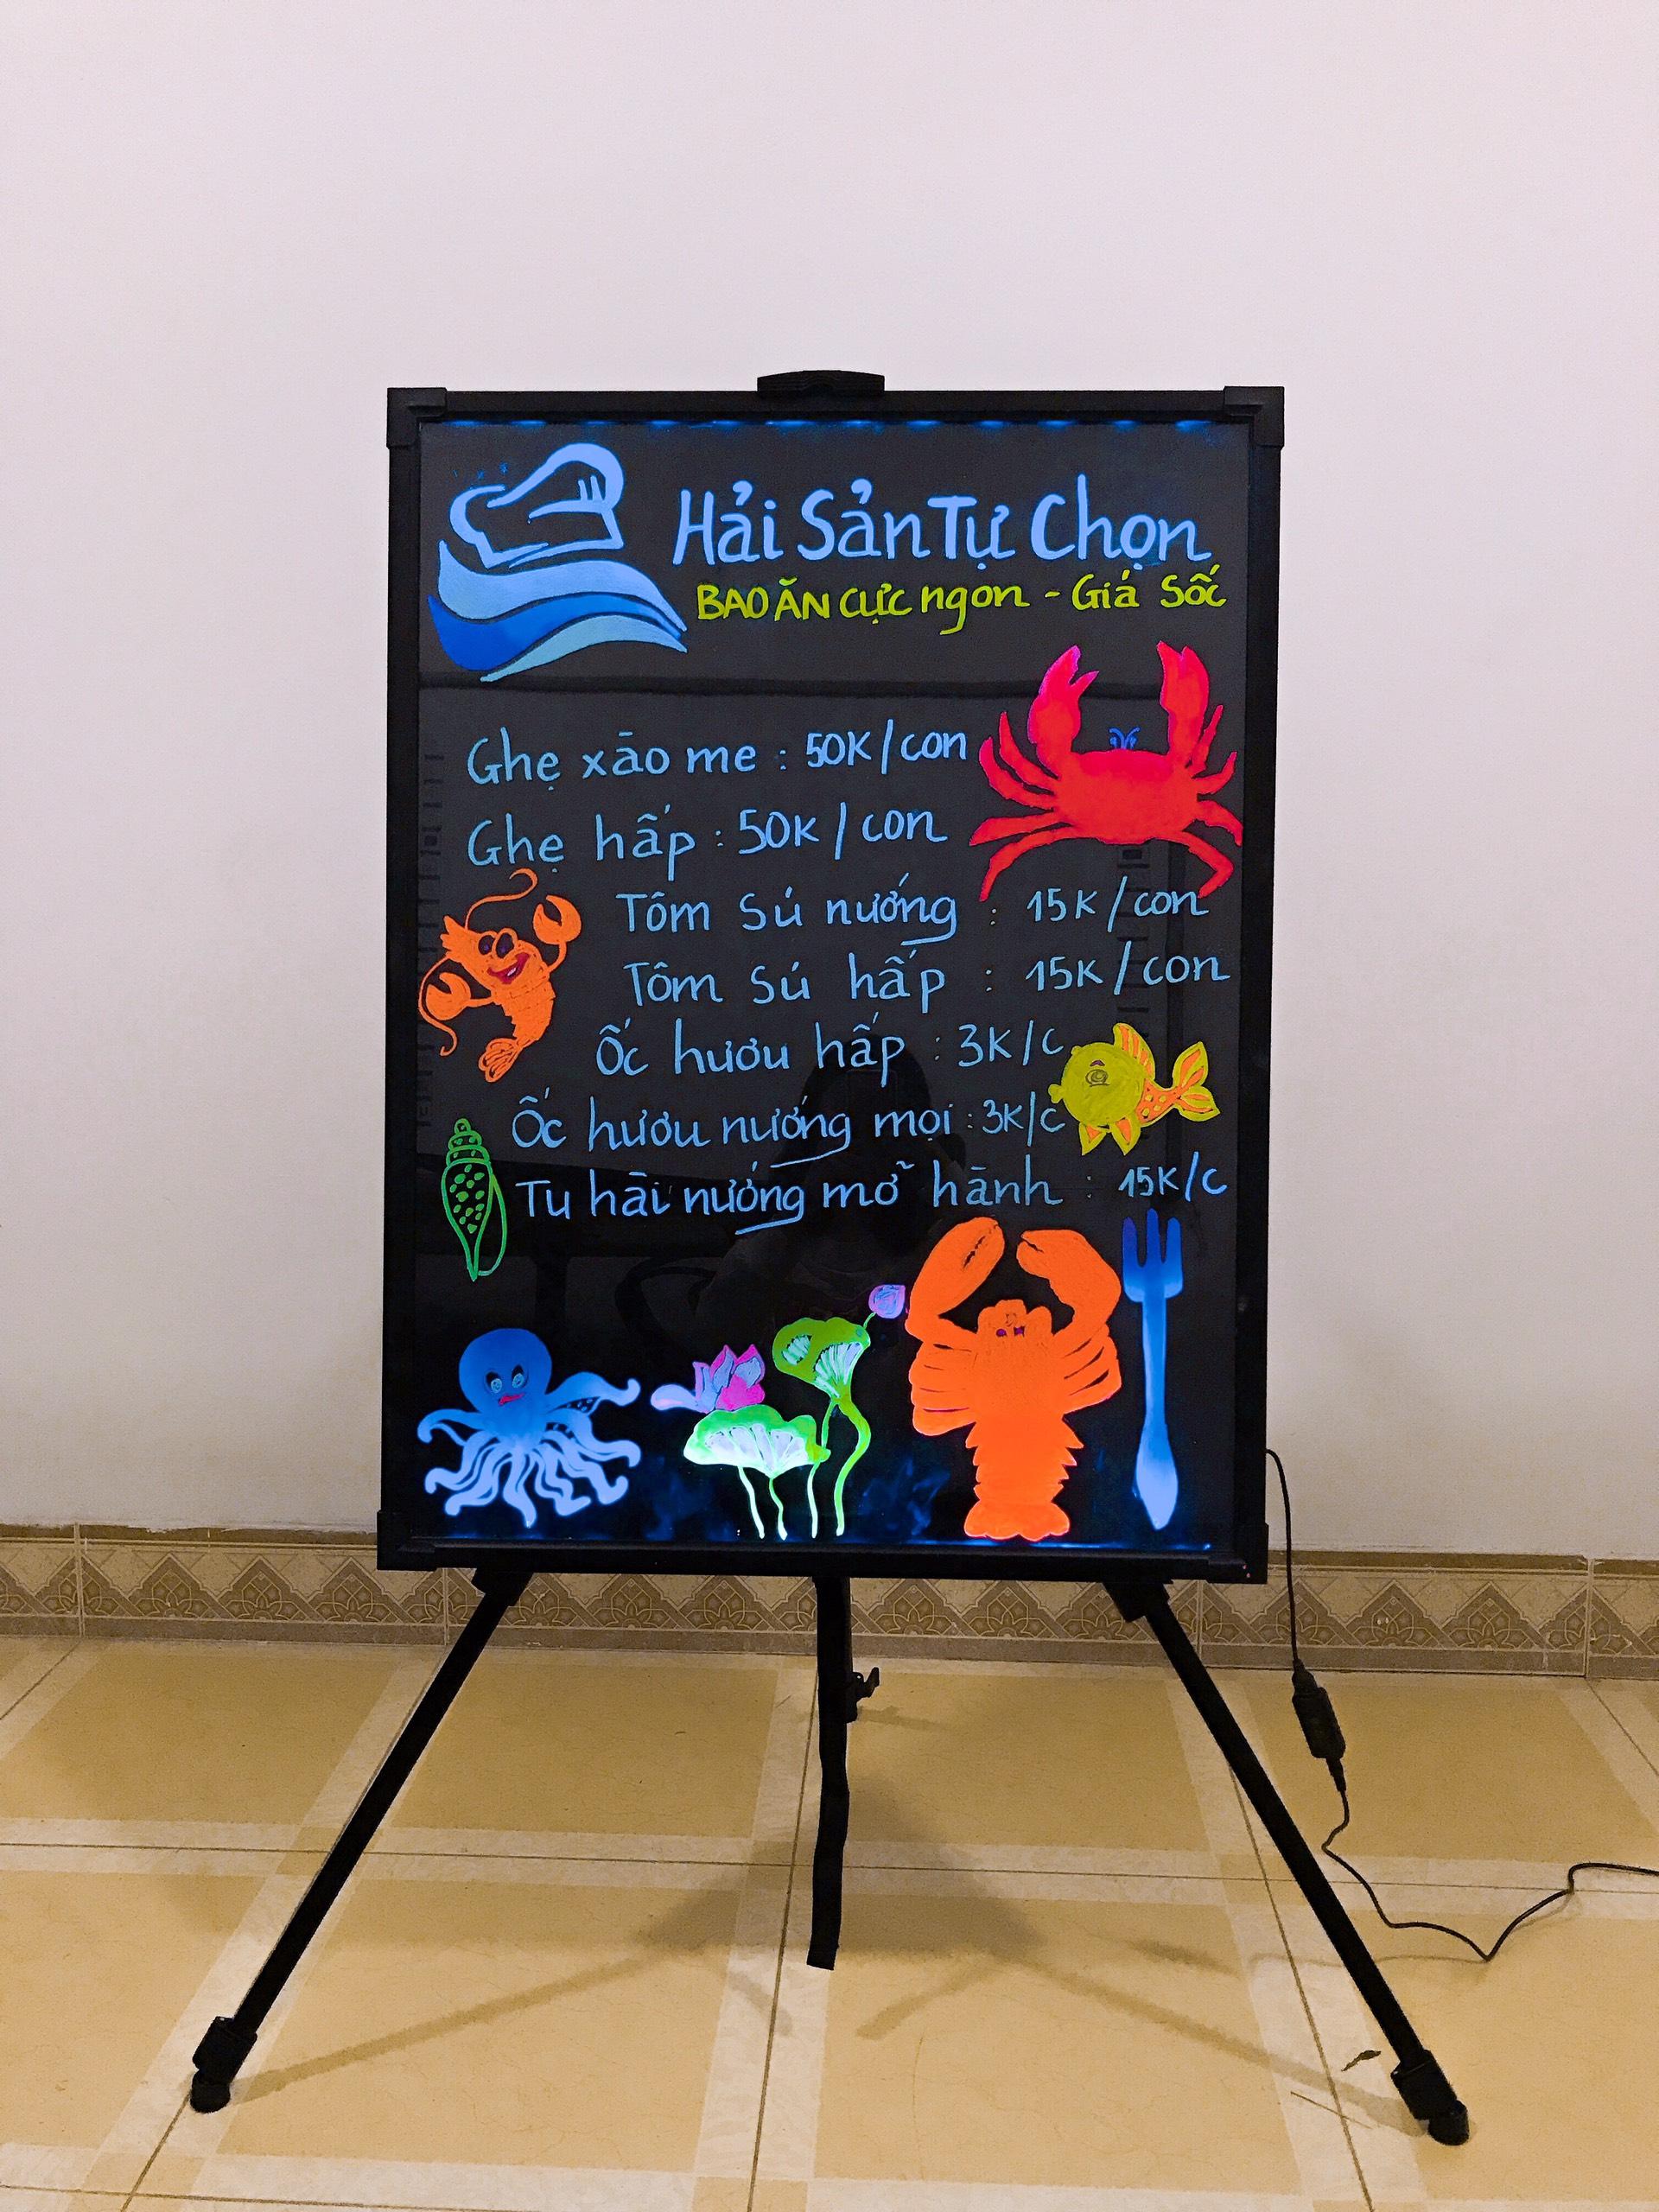 Vẽ bảng huỳnh quang quán hải sản